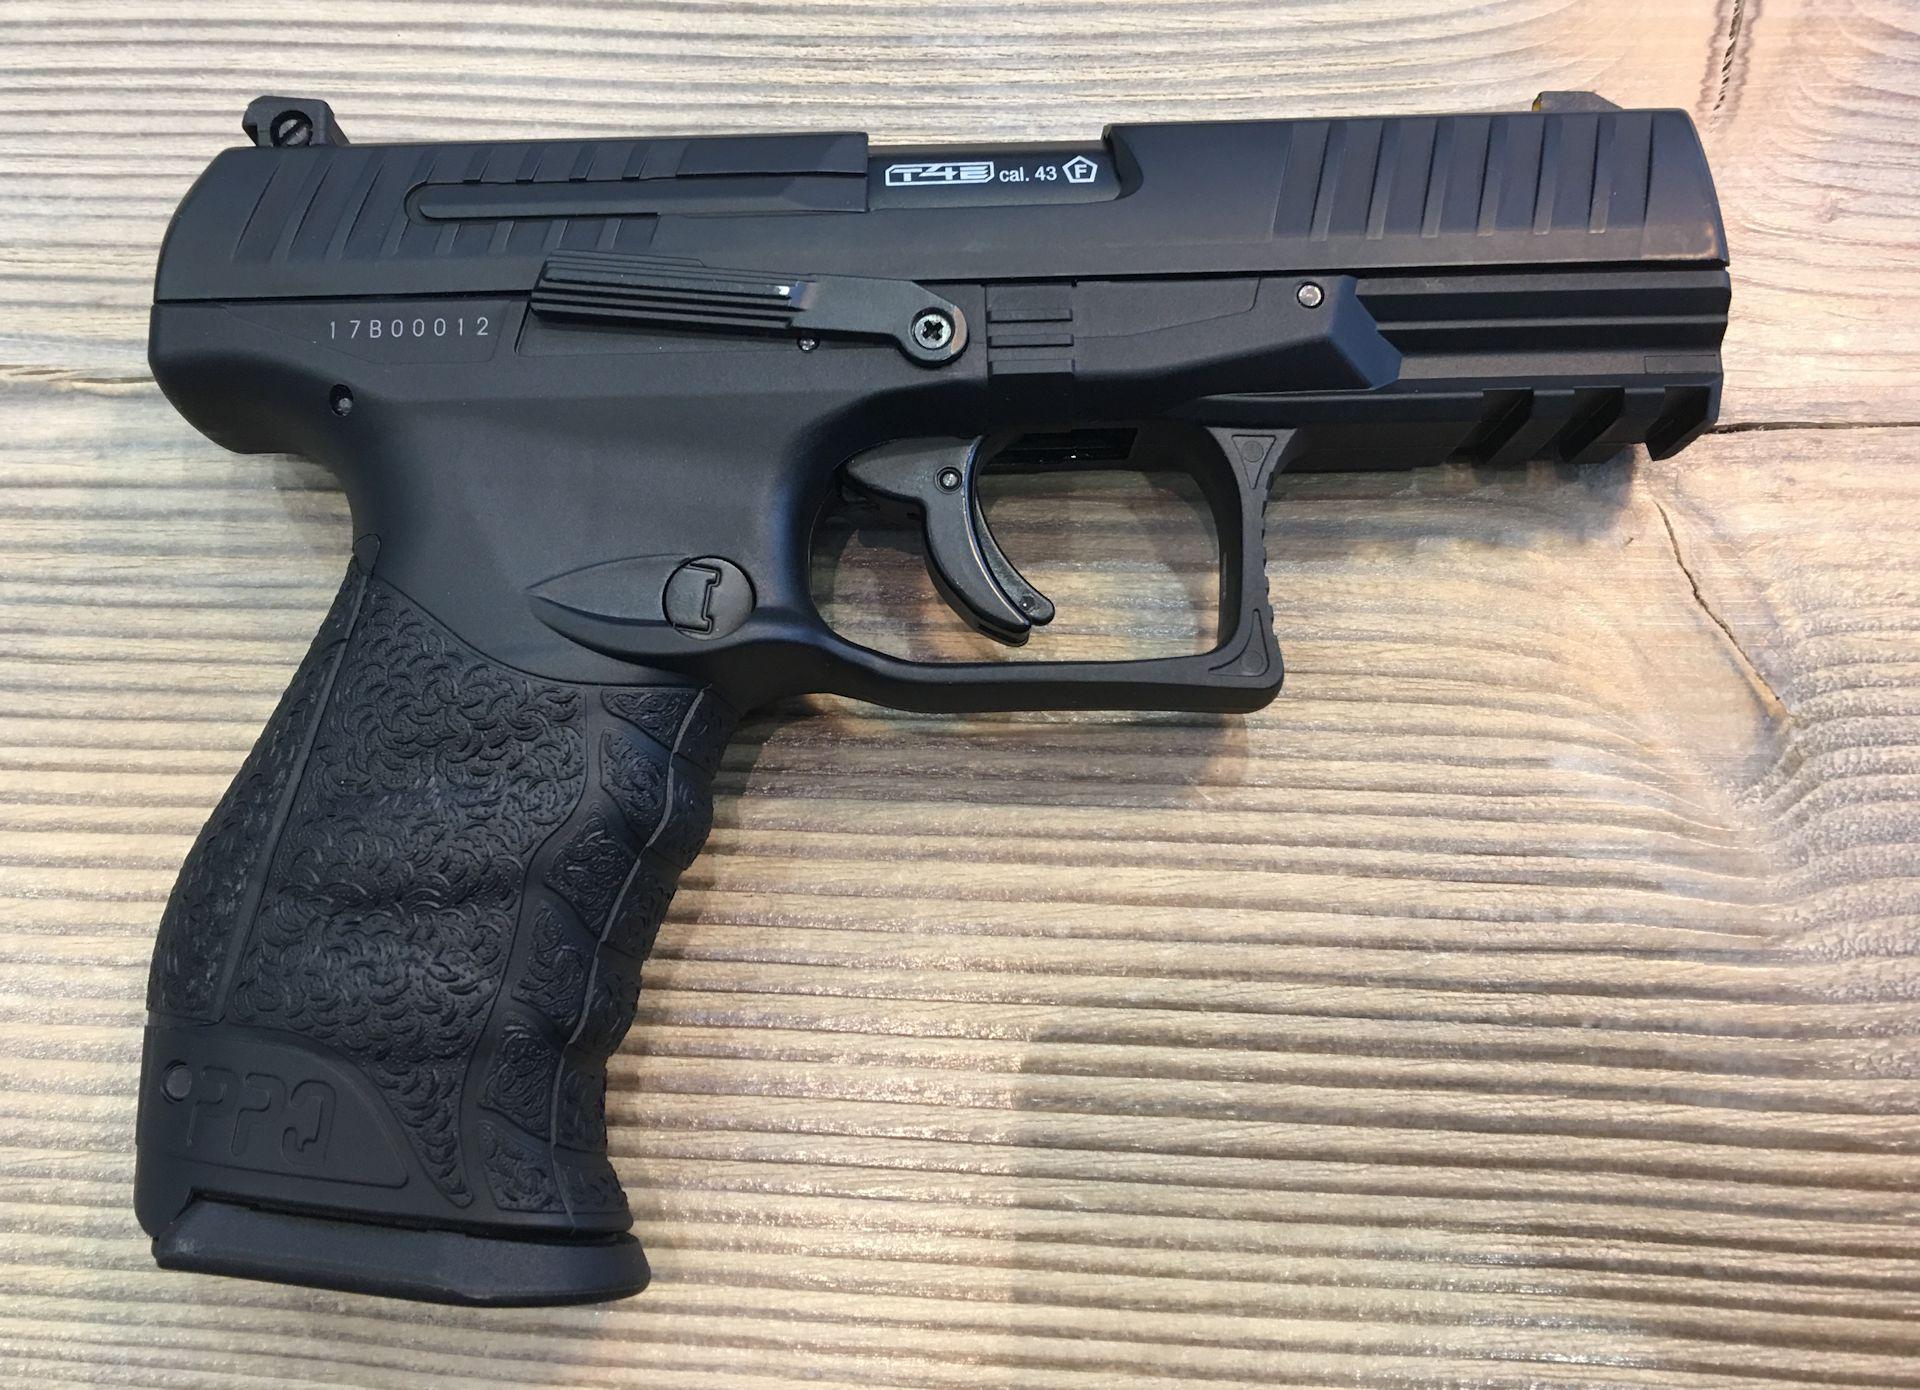 Walther PPQ M2 T4E, Kaliber .43 / 11 mm  für Gummigeschosse oder Farbkugeln